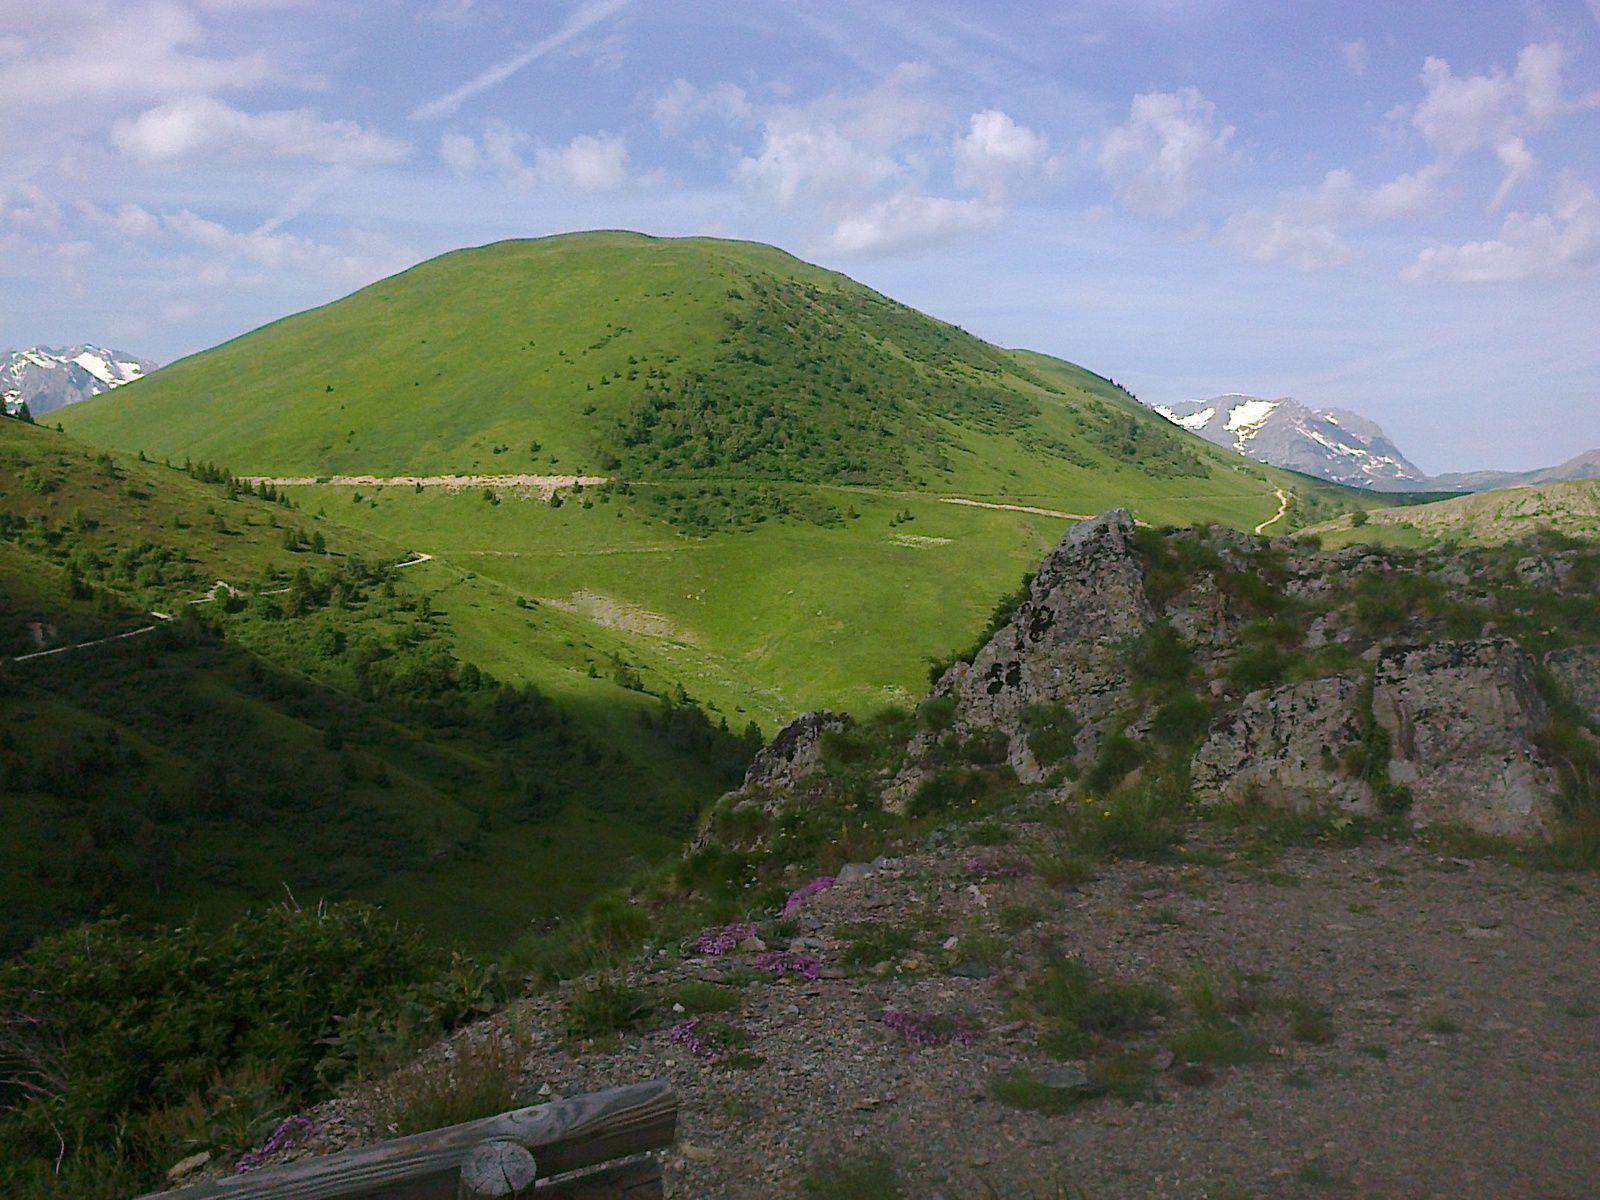 Le Signal de l'Homme, souvenir de vacances à AURIS en 2001, j'avais grimpé tout au sommet à VTT